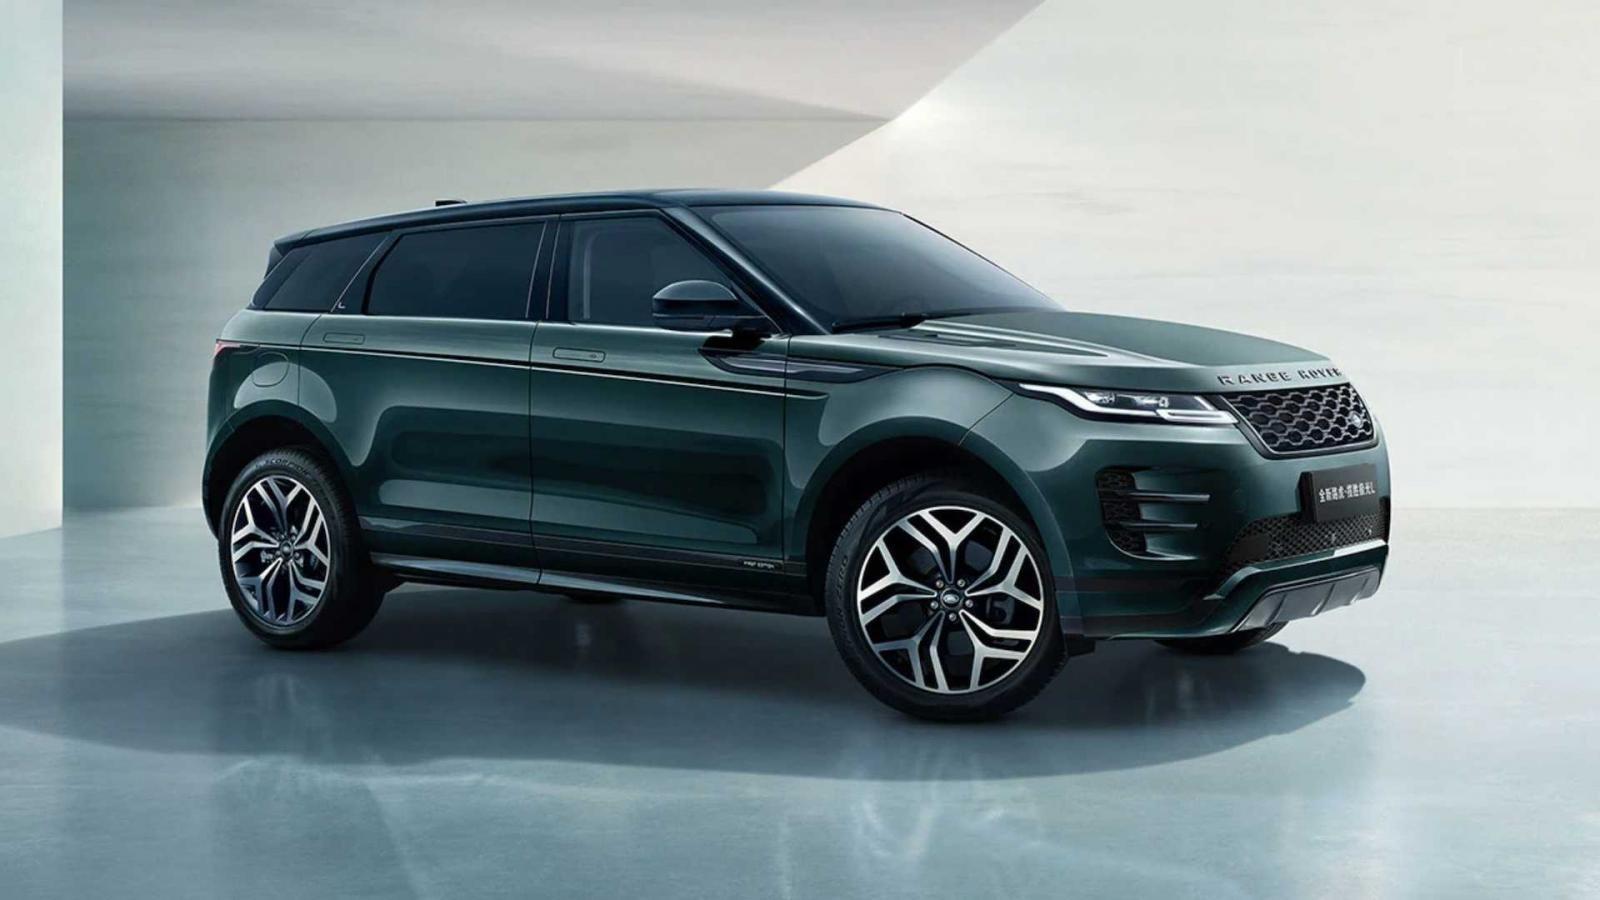 Vẫn còn thấy chật, Land Rover Range Rover Evoque ra luôn bản kéo dài chiều khách.